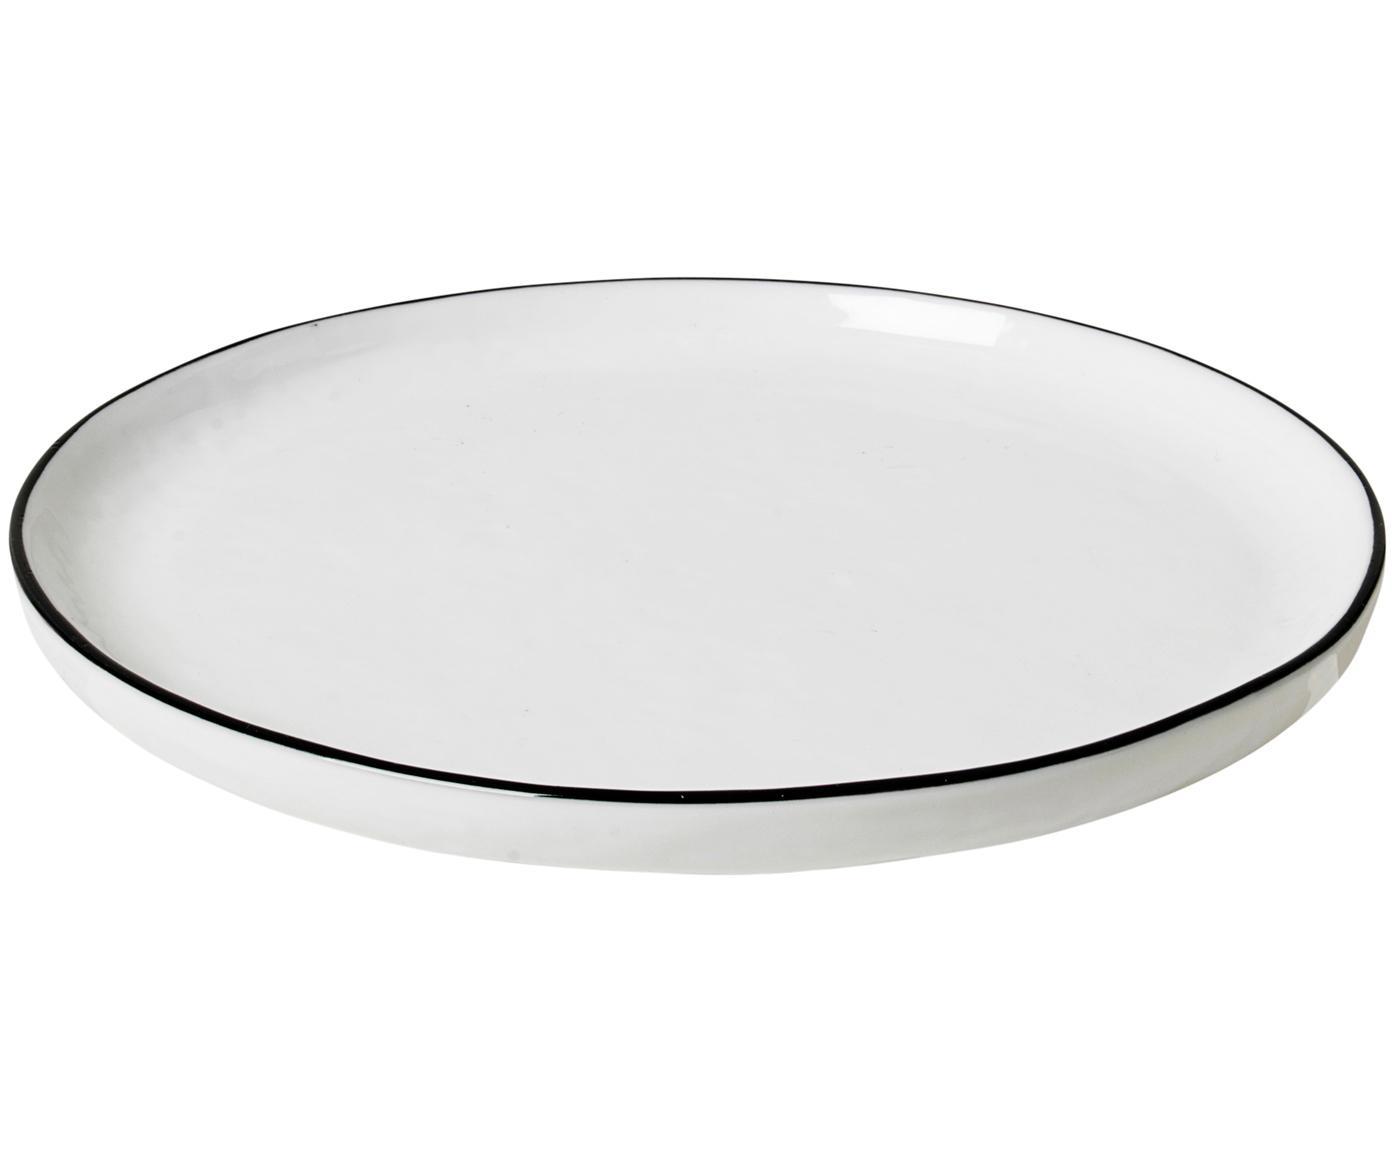 Handgemachte Dessertteller Salt, 4 Stück, Porzellan, Gebrochenes Weiß, Schwarz, Ø 18 cm